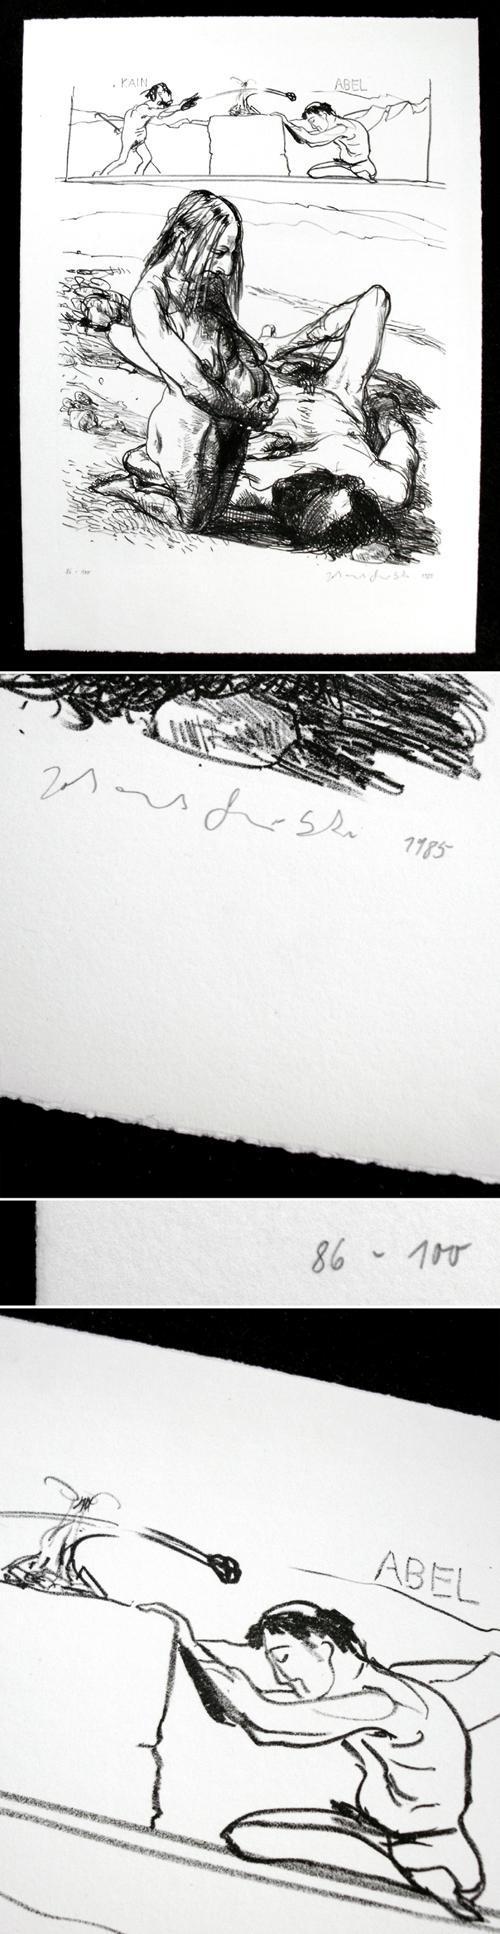 Johannes Grützke - Kain und Abel. Lithographie, 1985. kopen? Bied vanaf 230!